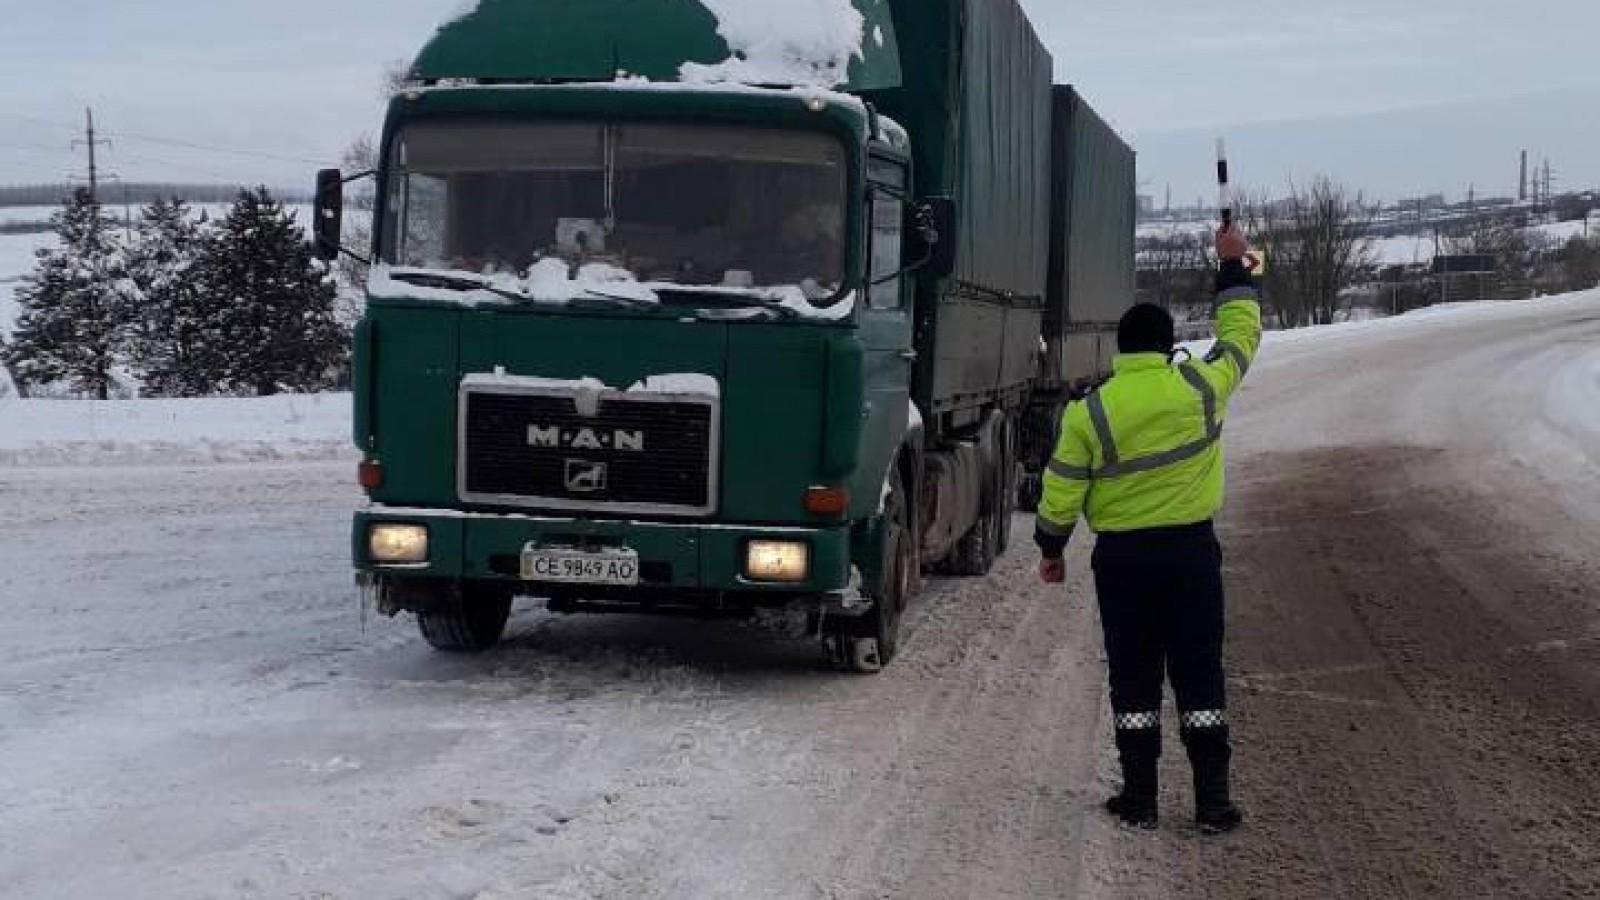 (foto) INP: Circulaţia a fost sistată în patru raioane şi într-un oraş din ţară pentru maşinile grele